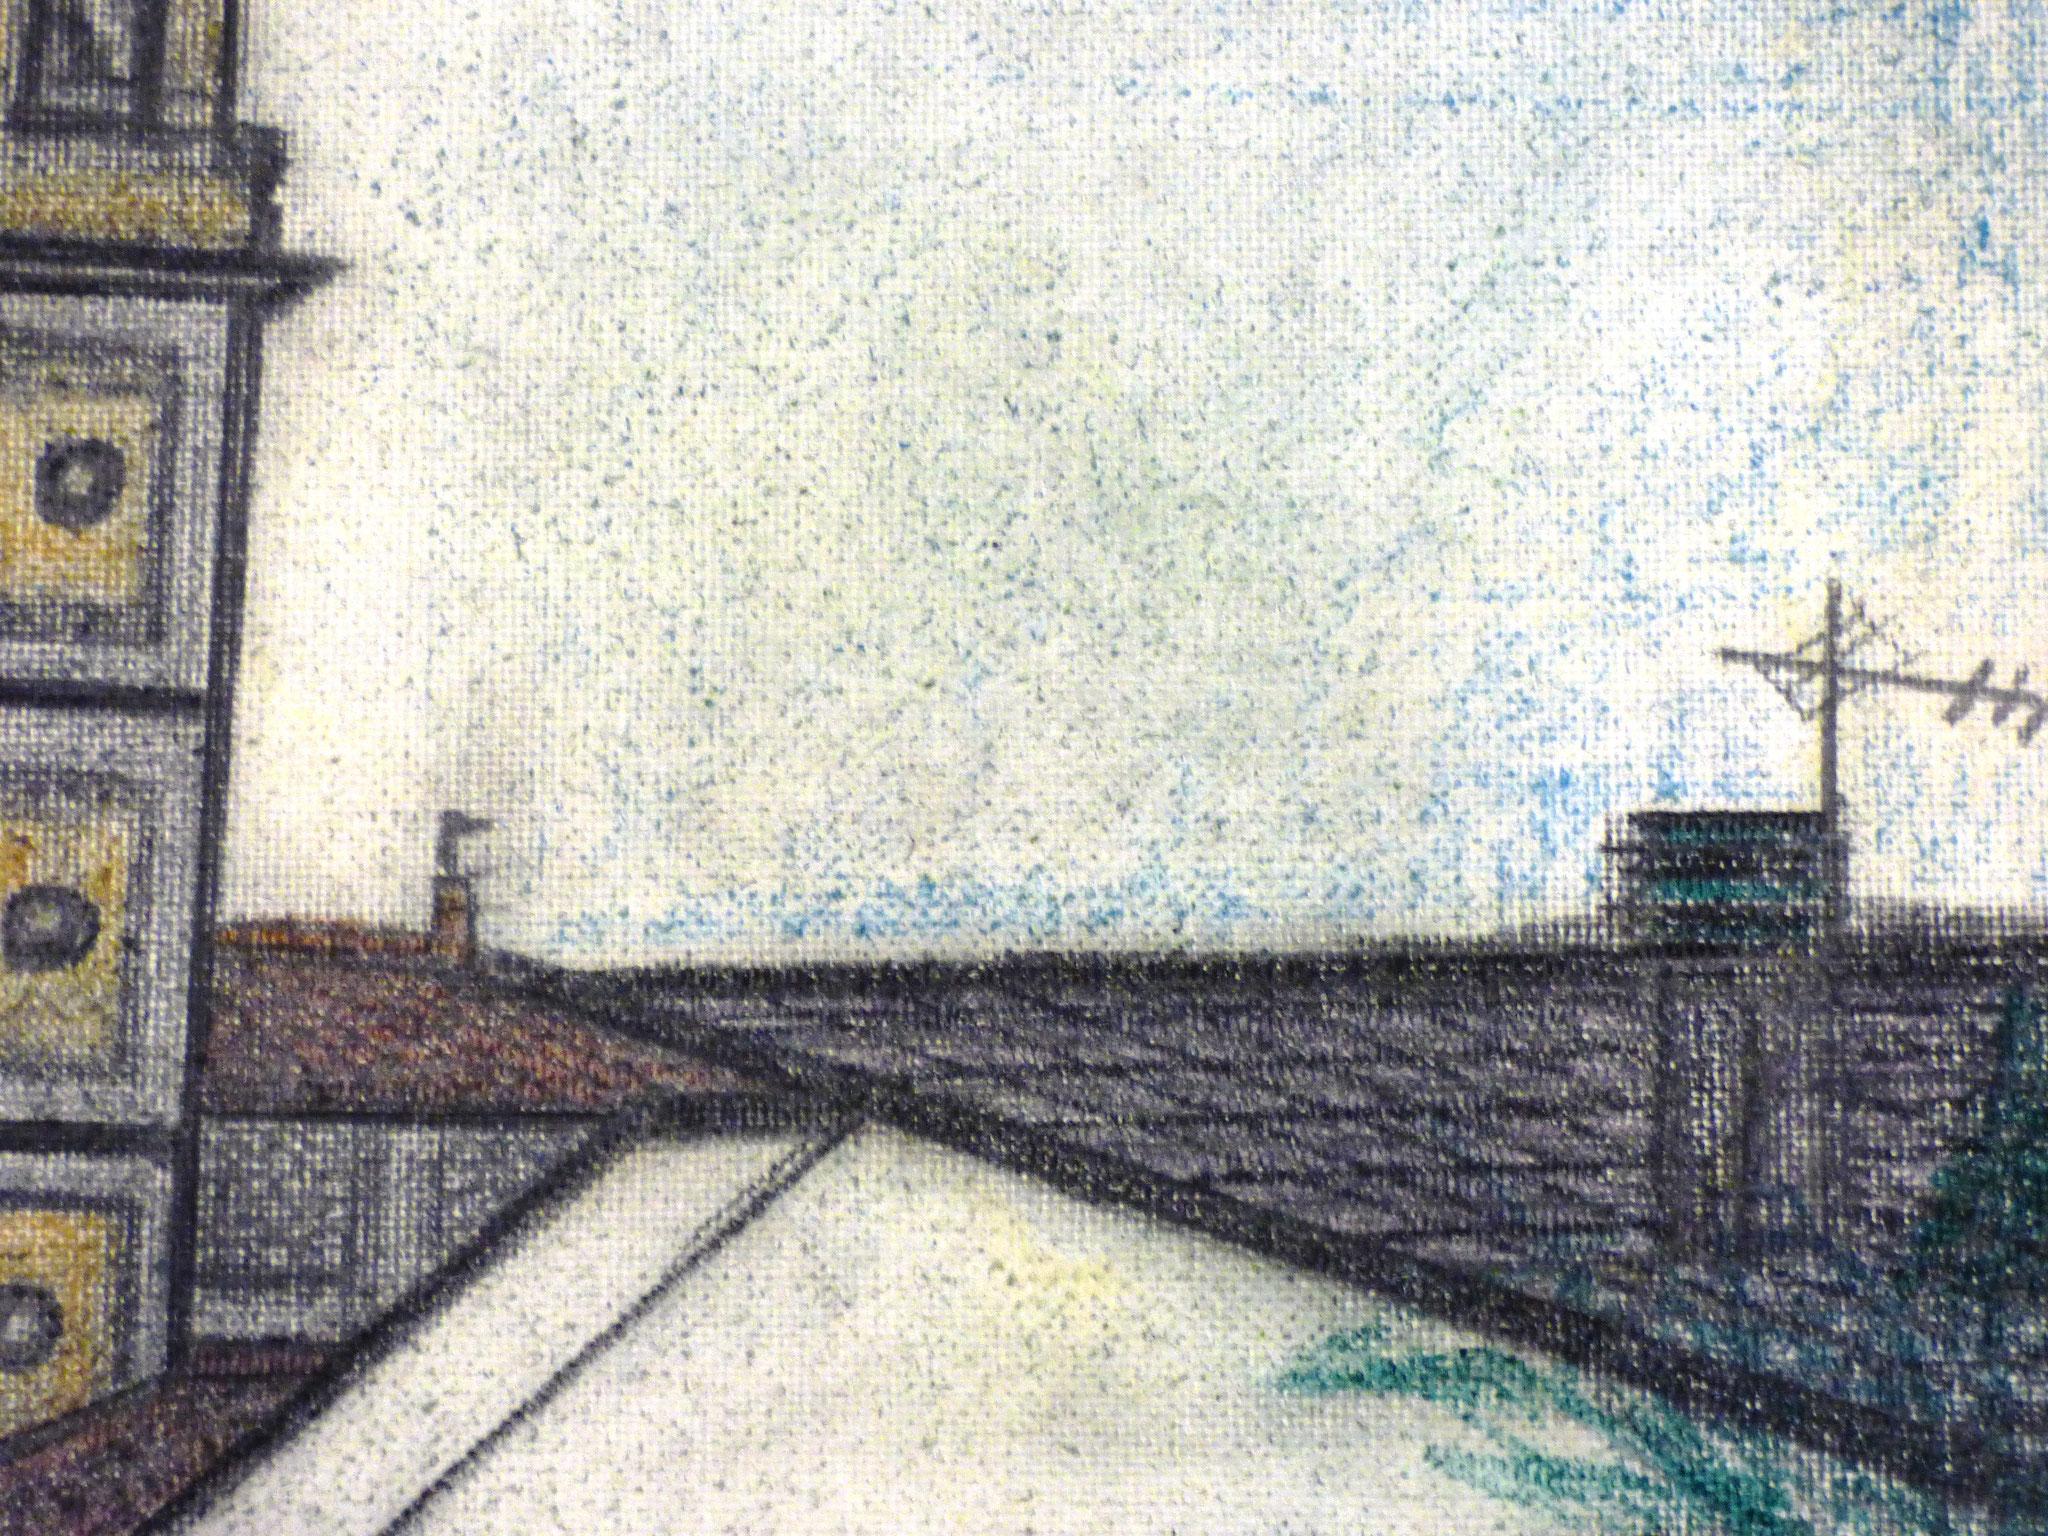 particolare Claudio Faccini scorcio di Rallio di Montechiaro matita e pastelli colorati 30x40